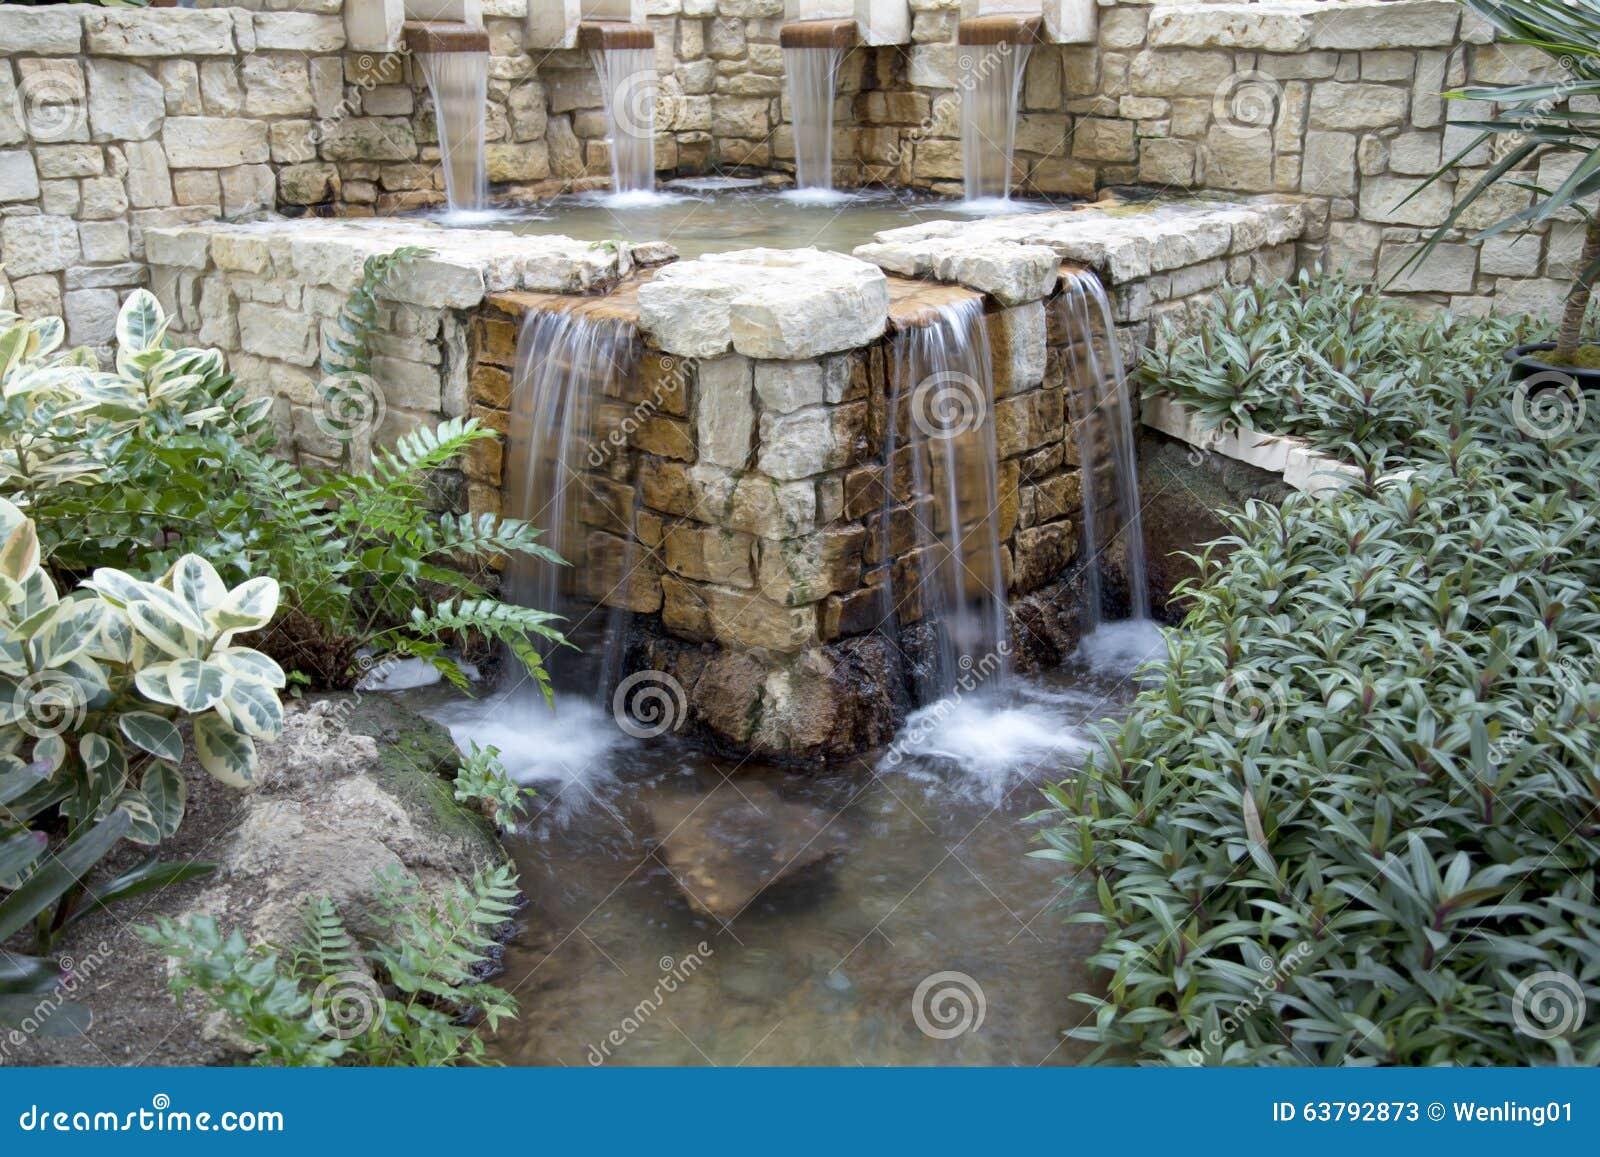 Cascata Da Giardino Moderna : Giardino interno con progettazione della cascata immagine stock